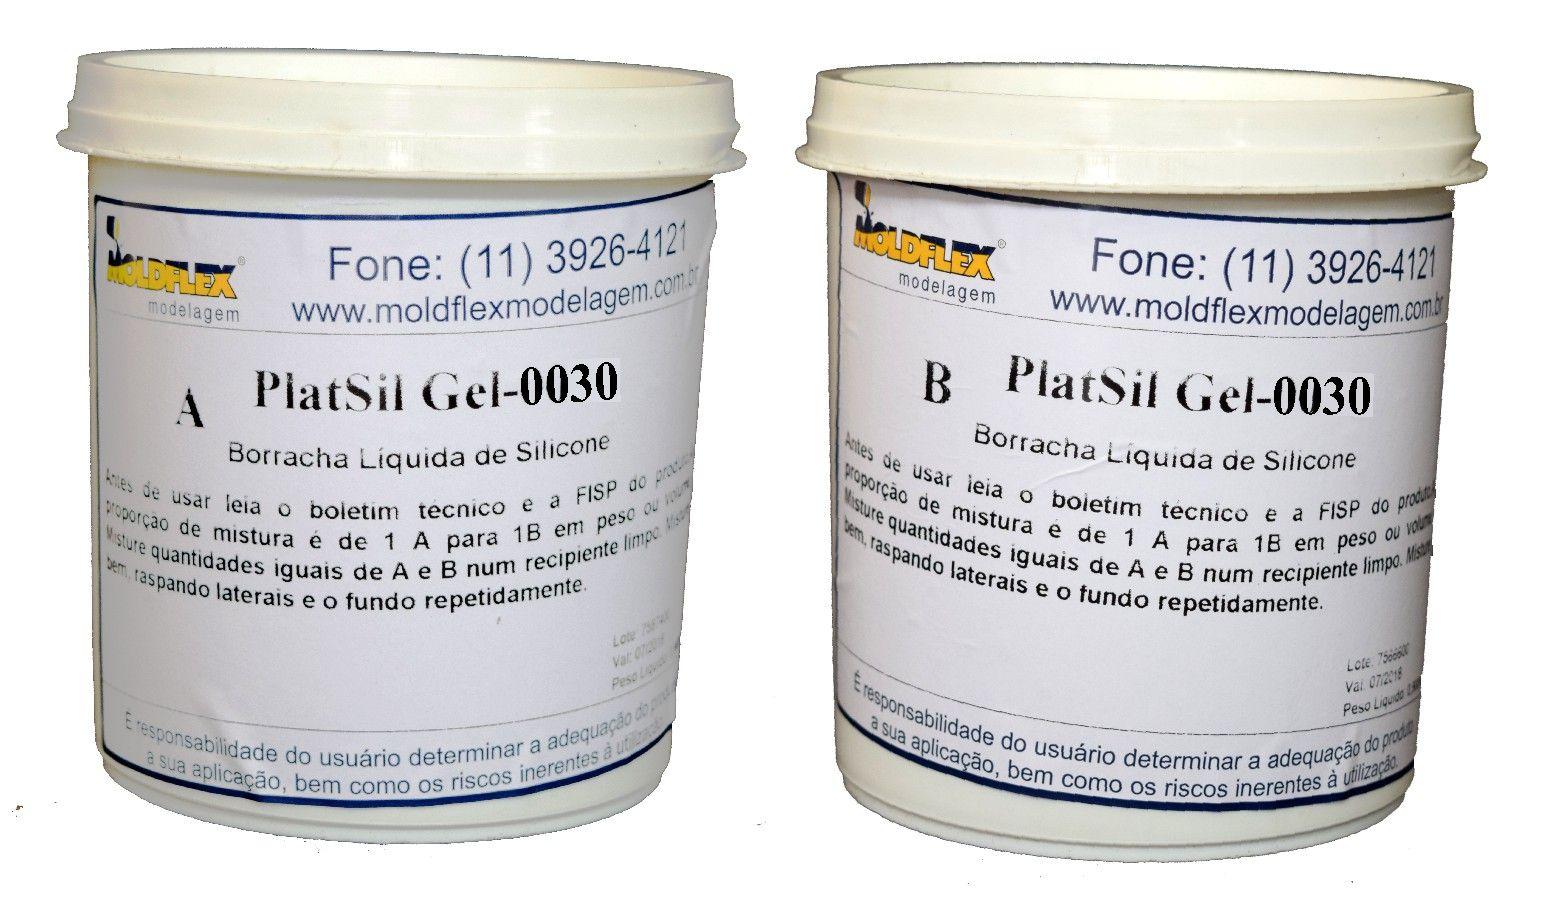 PlatSil Gel 0030